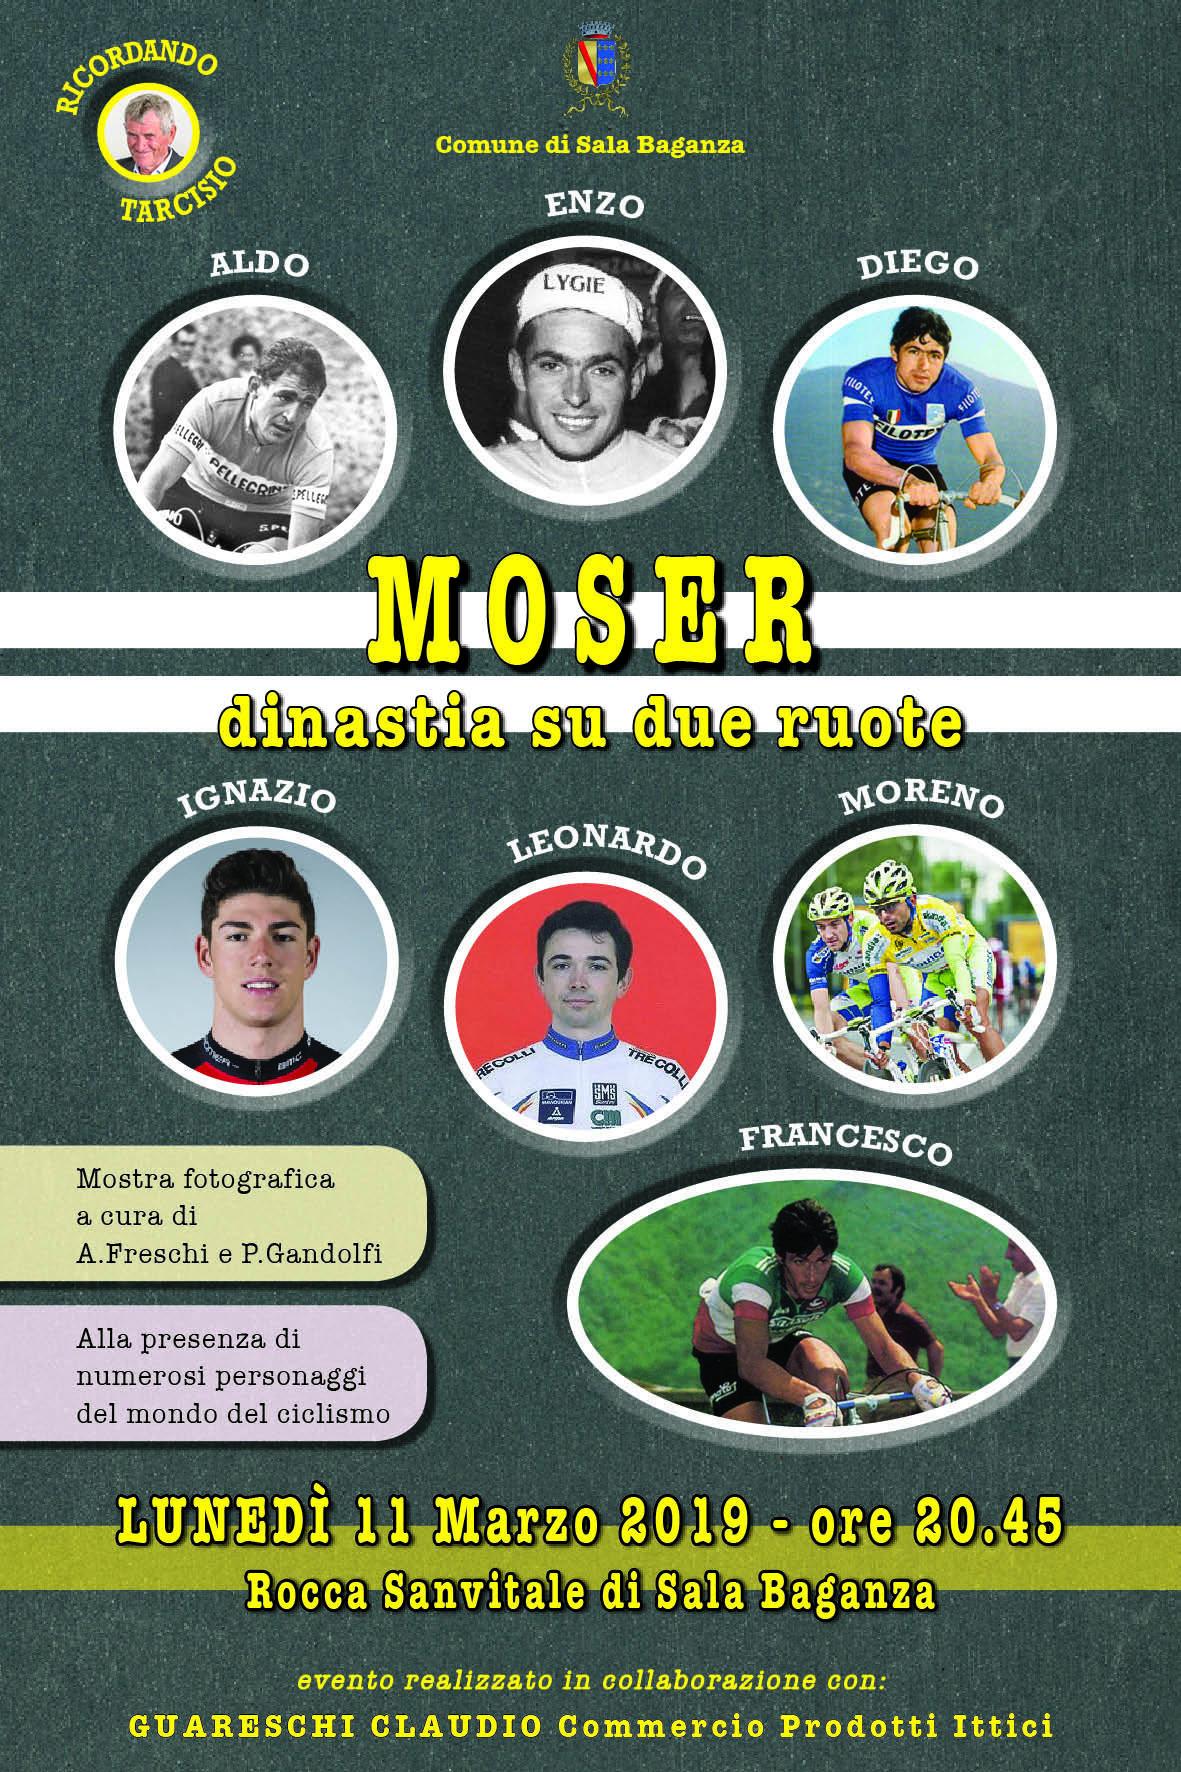 Ciclismo: Sala Baganza celebra i Moser insieme a Francesco